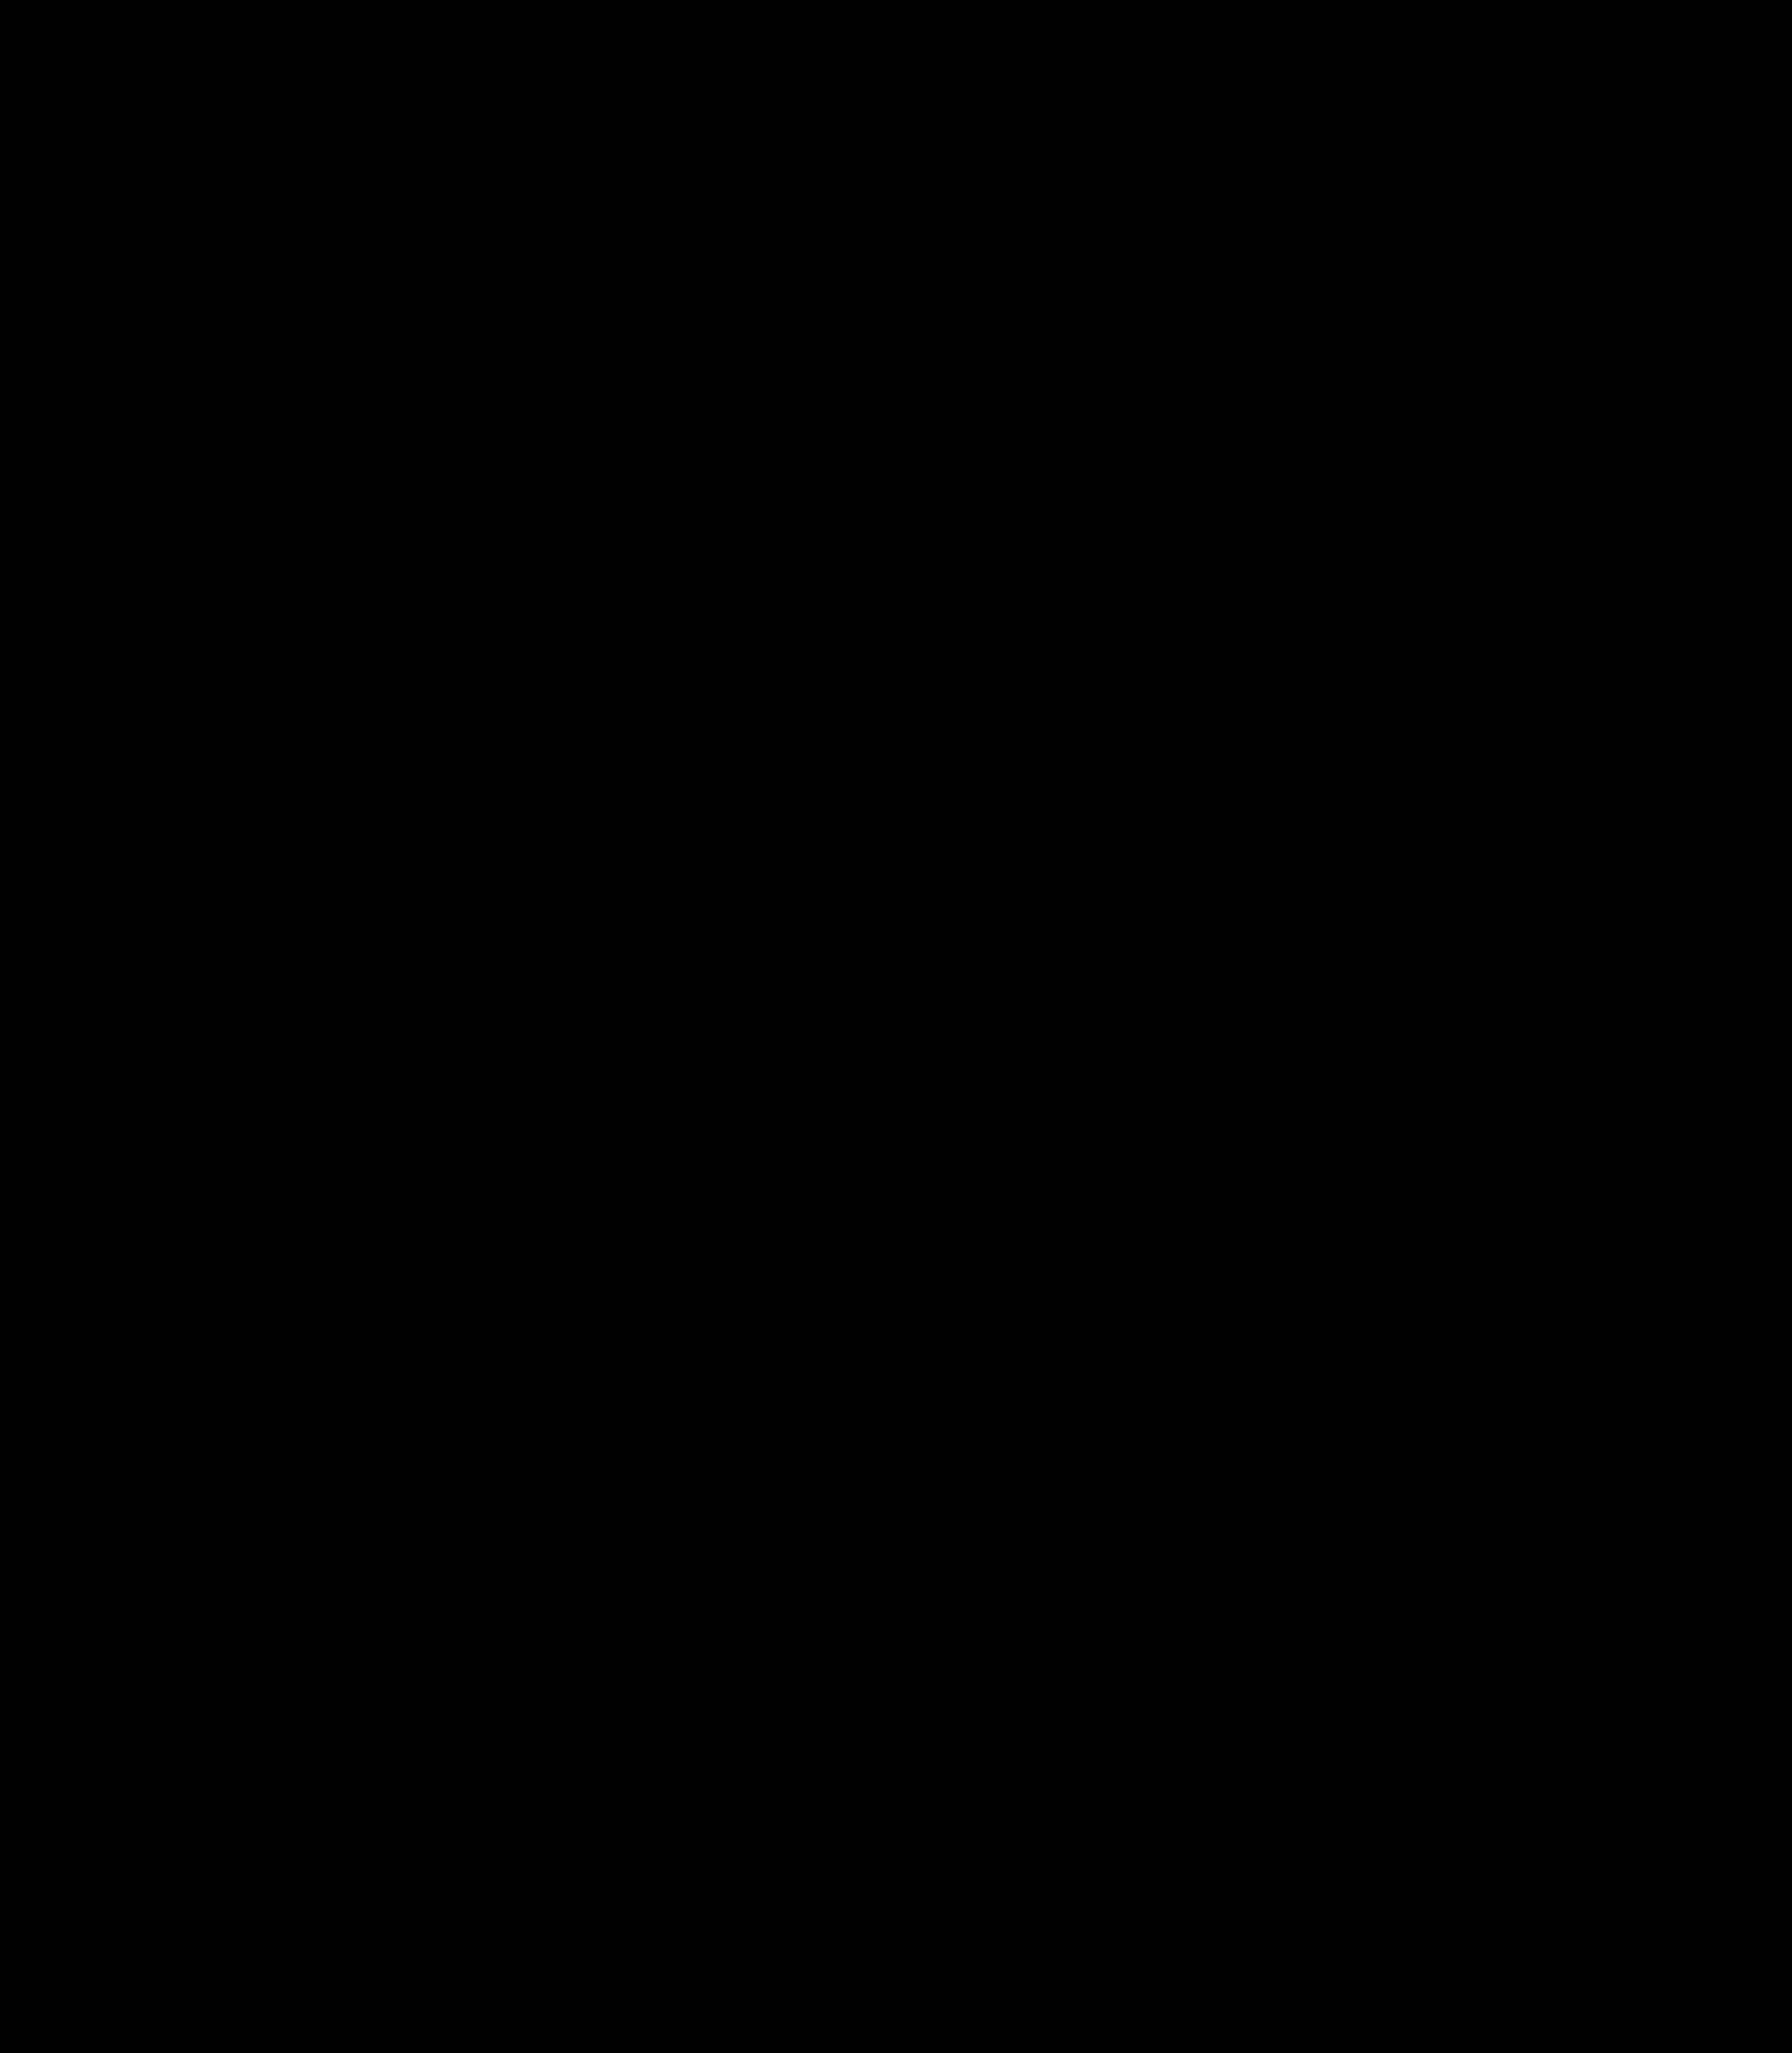 2095x2400 Clipart stylized fleur de lis